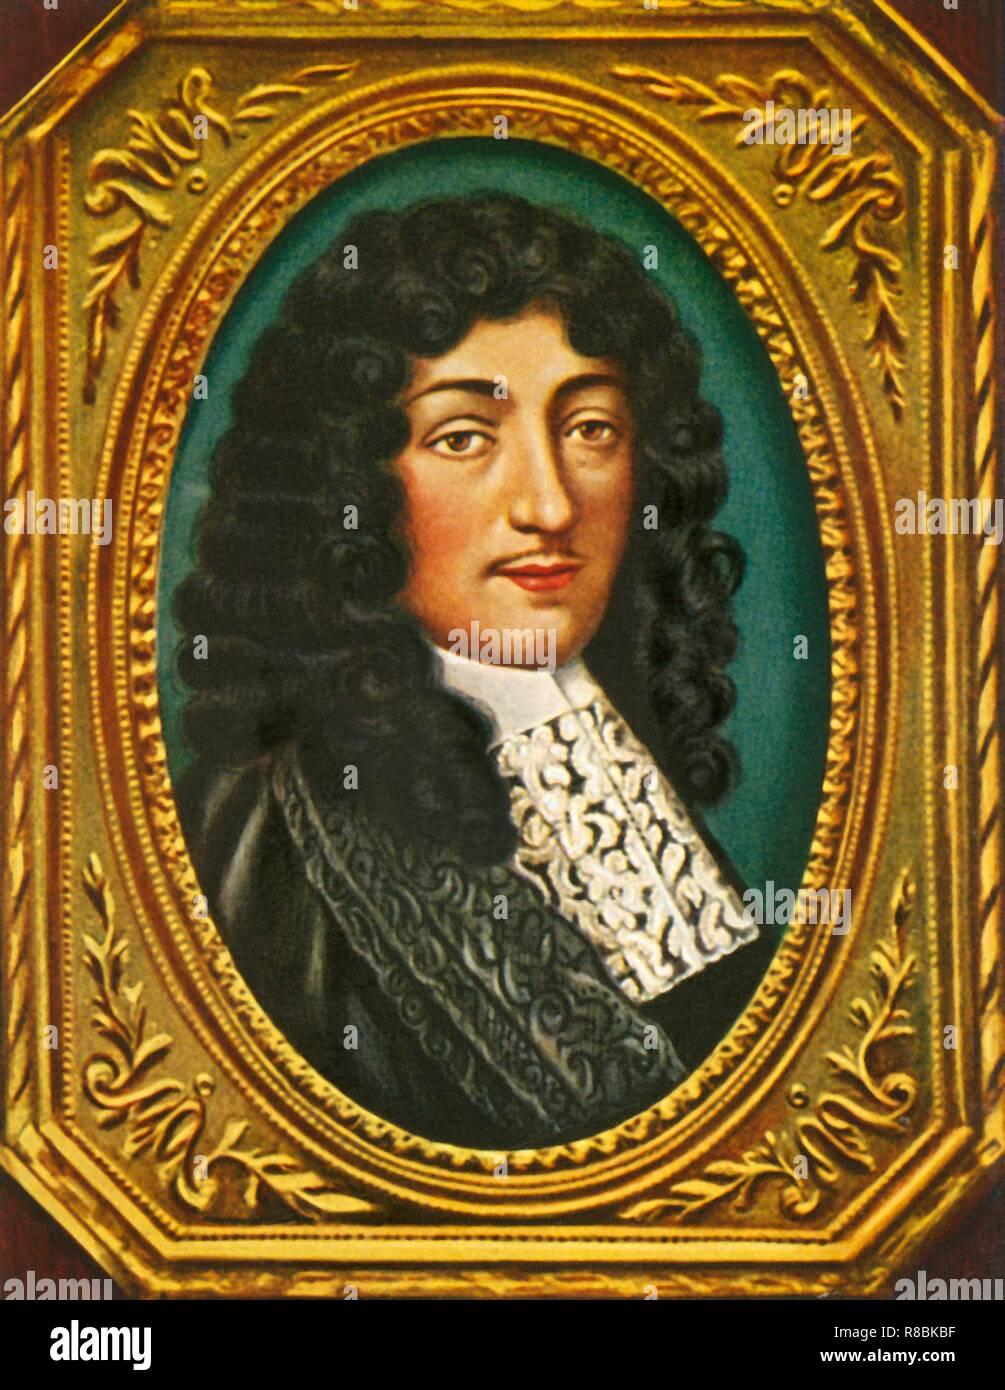 """""""Jean-Baptiste Colbert', (1933). Portrait d'homme d'État français Jean-Baptiste Colbert (1619-1683), le Ministre en chef. Il a été responsable de la réforme de l'administration financière chaotique et le système d'imposition de la France et a supervisé l'expansion et la modernisation de l'industrie manufacturière. Son succès dans la gestion de l'économie française a été particulièrement remarquable étant donné le penchant du roi pour dépenser la richesse de la nation sur les guerres et le luxe. Colbert a également joué un rôle important dans le développement de la France en tant que puissance navale. Après une miniature par Robert Vouquer. À partir de """"Gestalten Der Weltgeschichte&quo Photo Stock"""